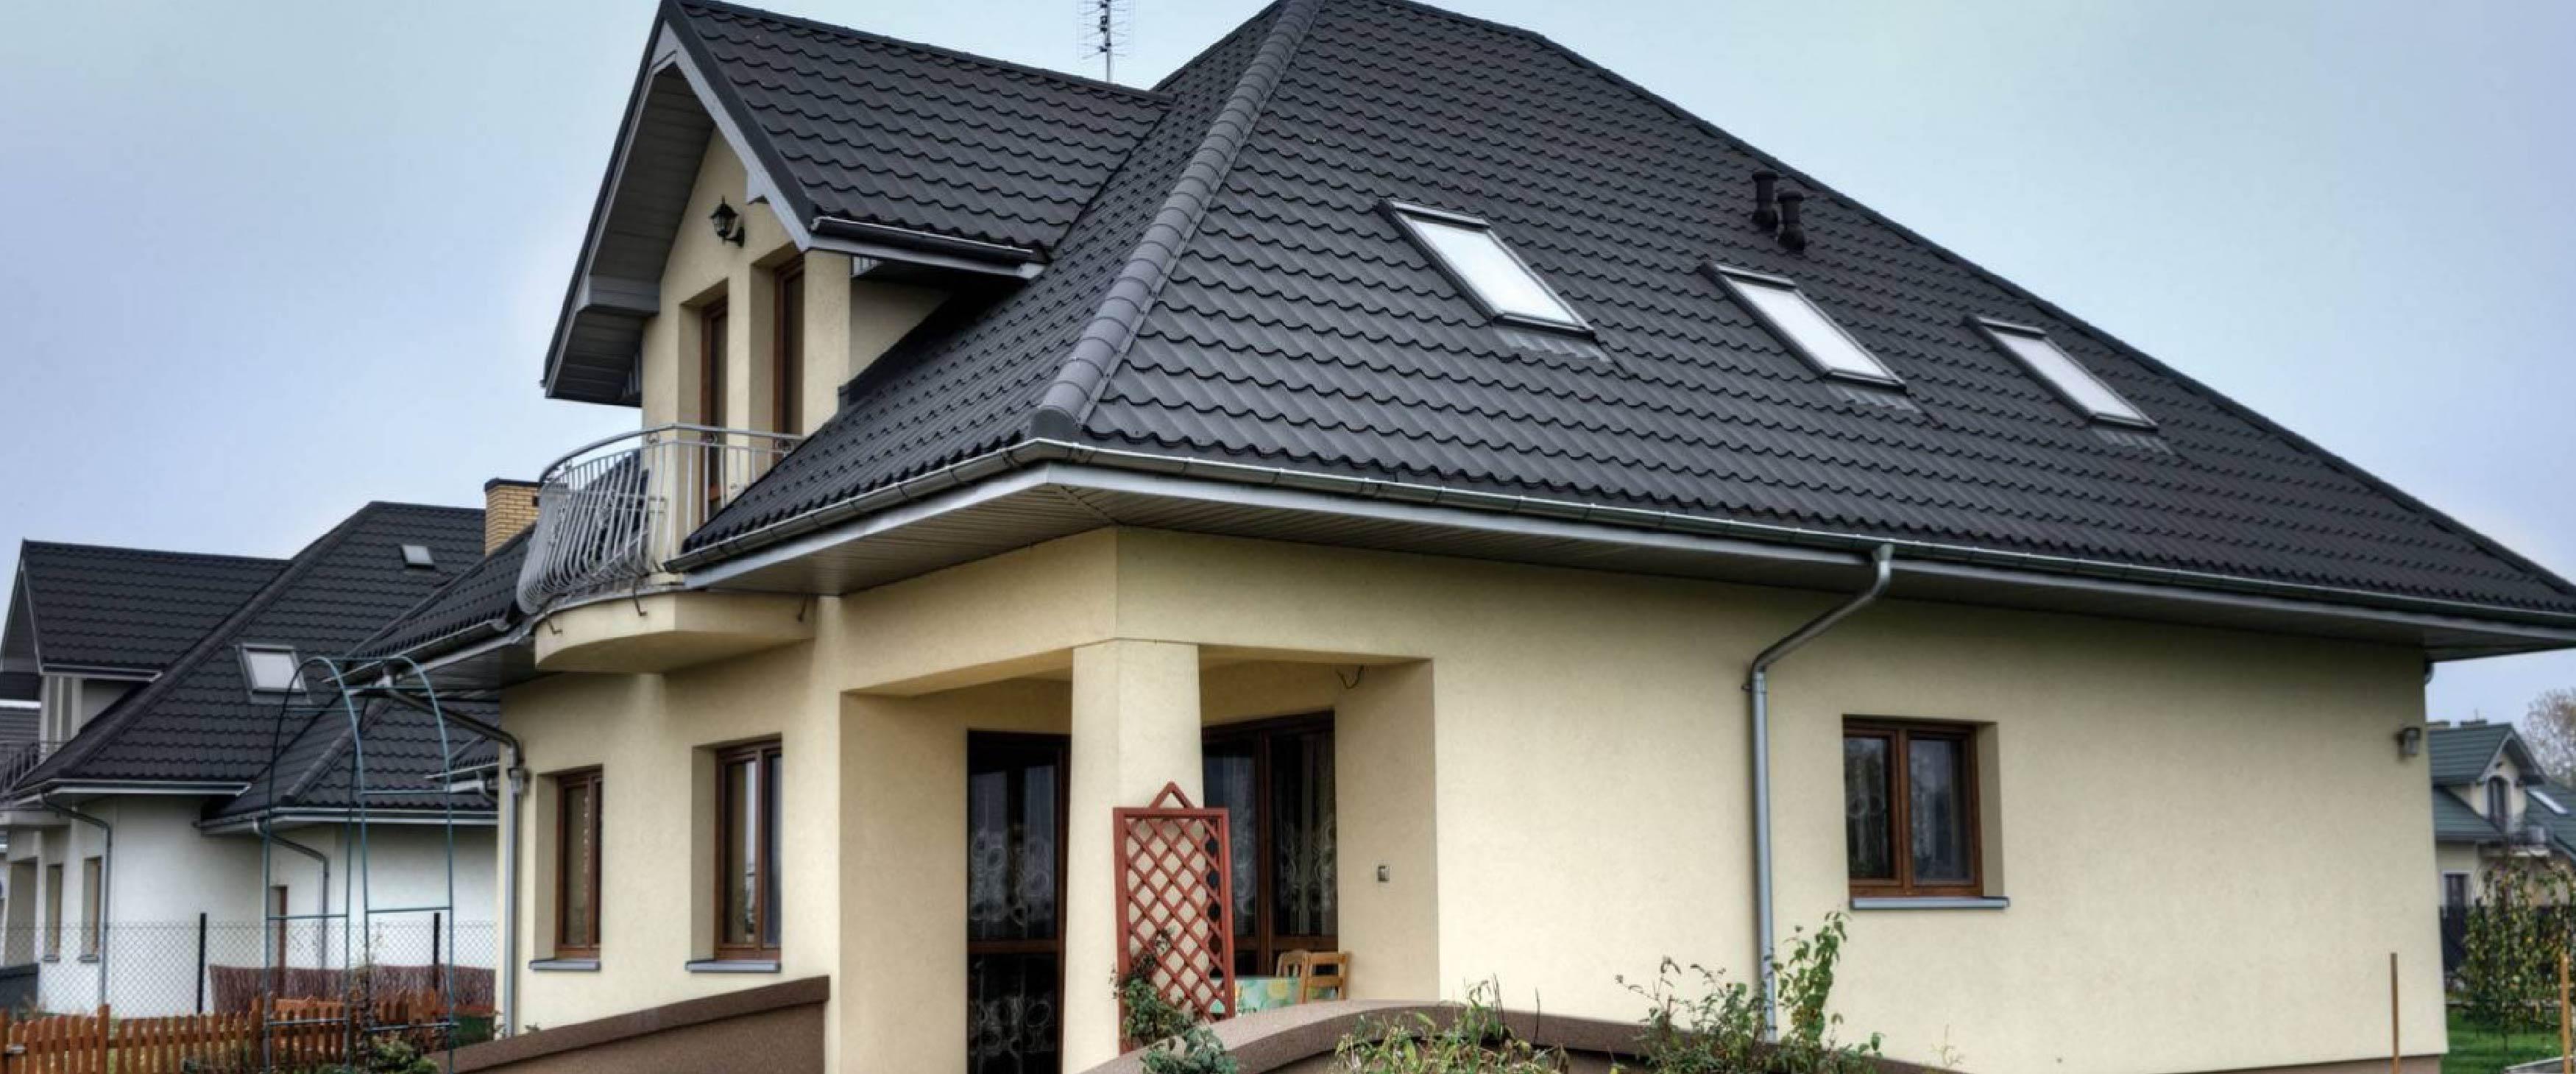 ERWIK Pokrycia Dachowe